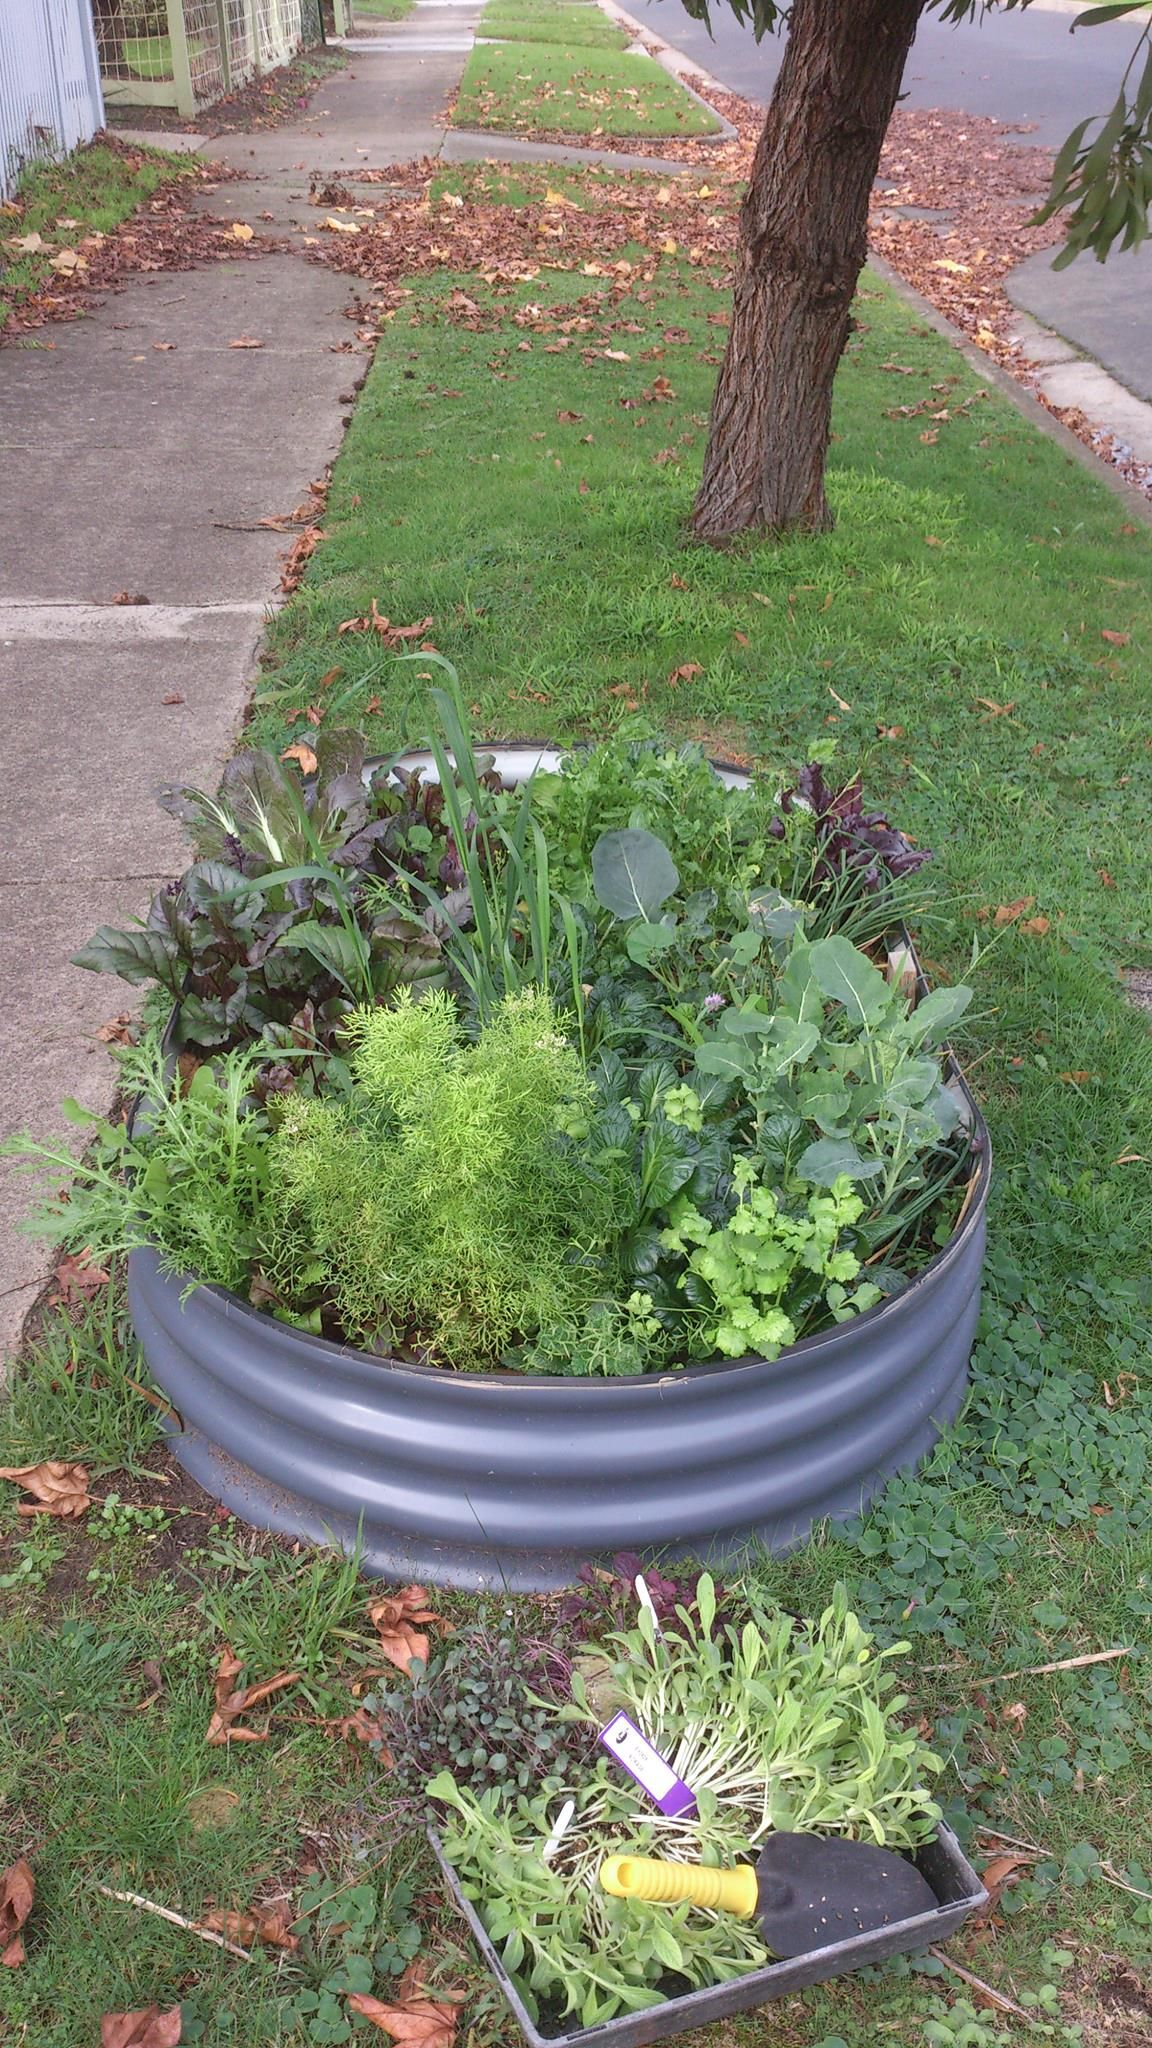 the verge garden growing better in winter